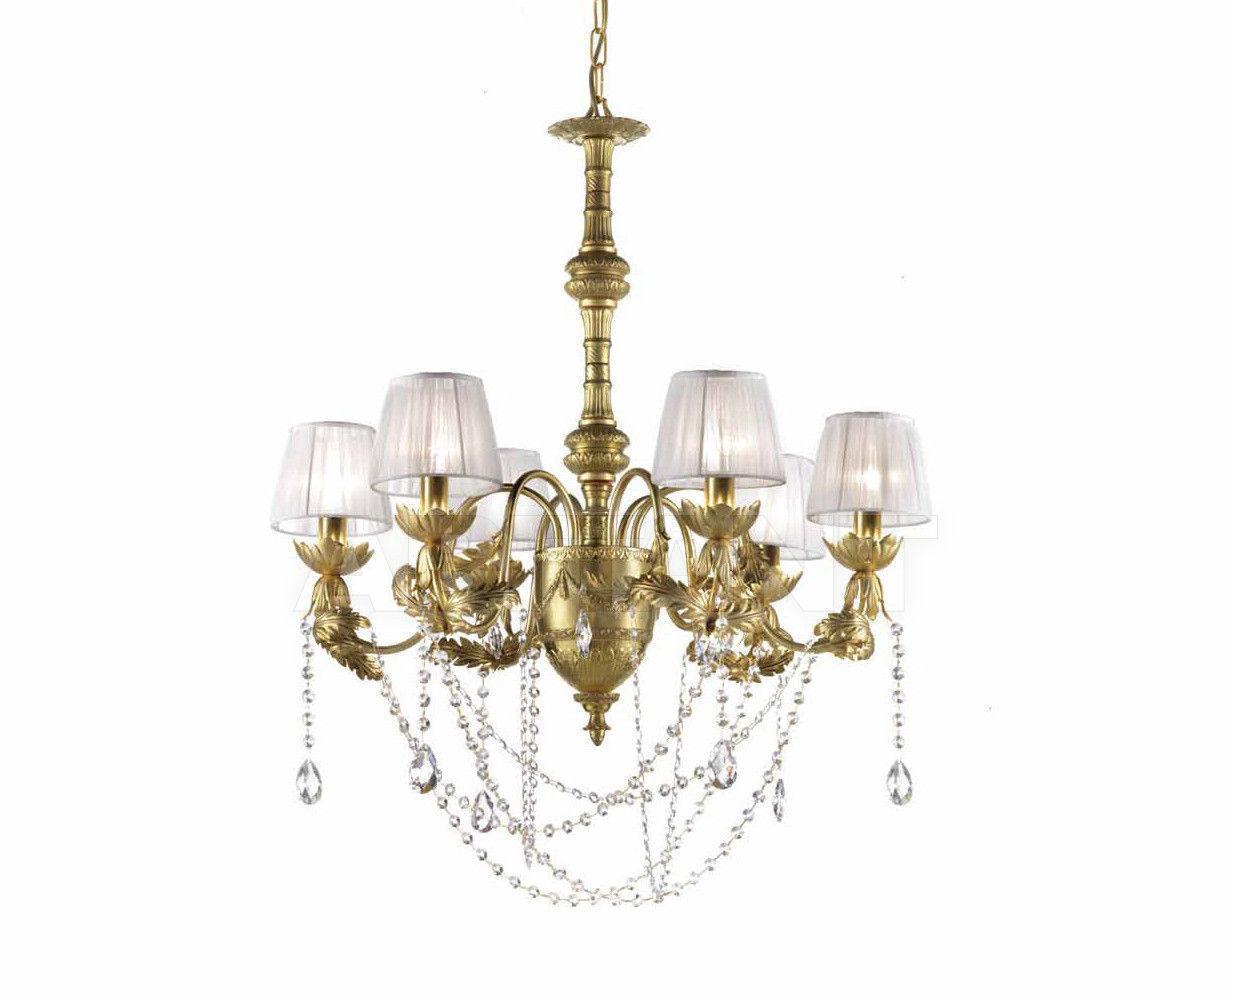 Купить Люстра Villari Home And Lights 4020348-100